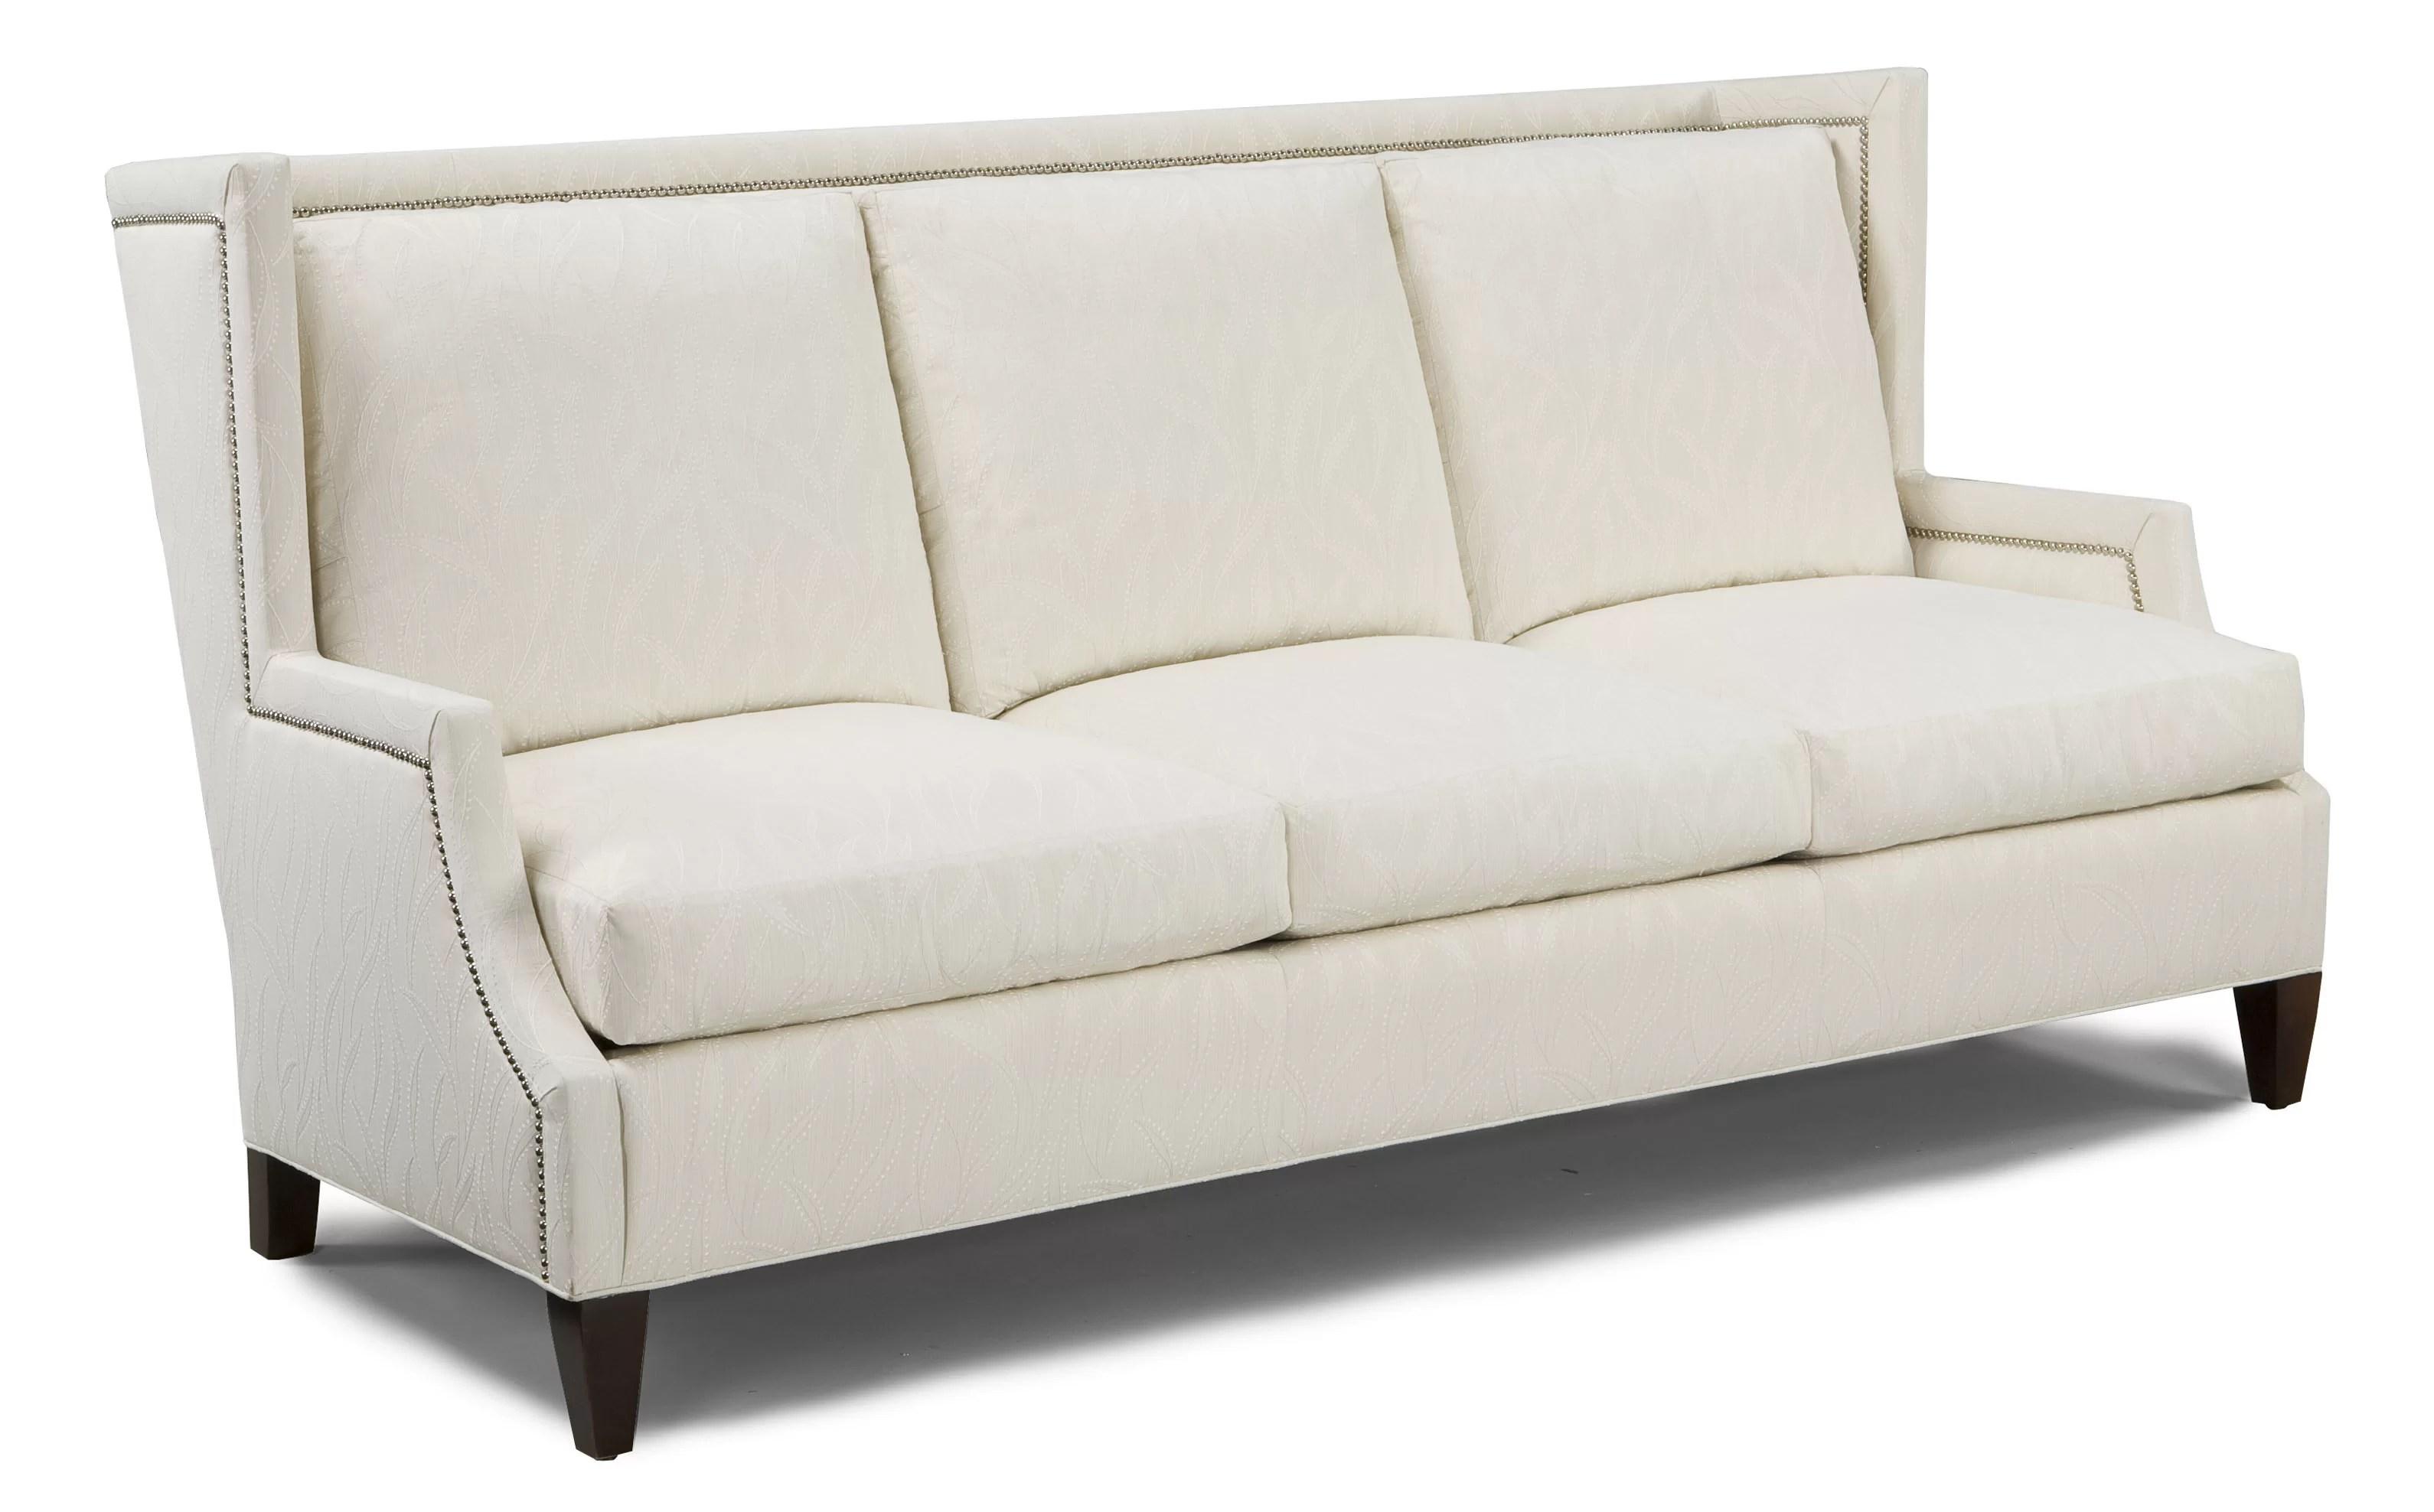 dream sofas wishaw pet ireland temple furniture countess curved sofa perigold stuart